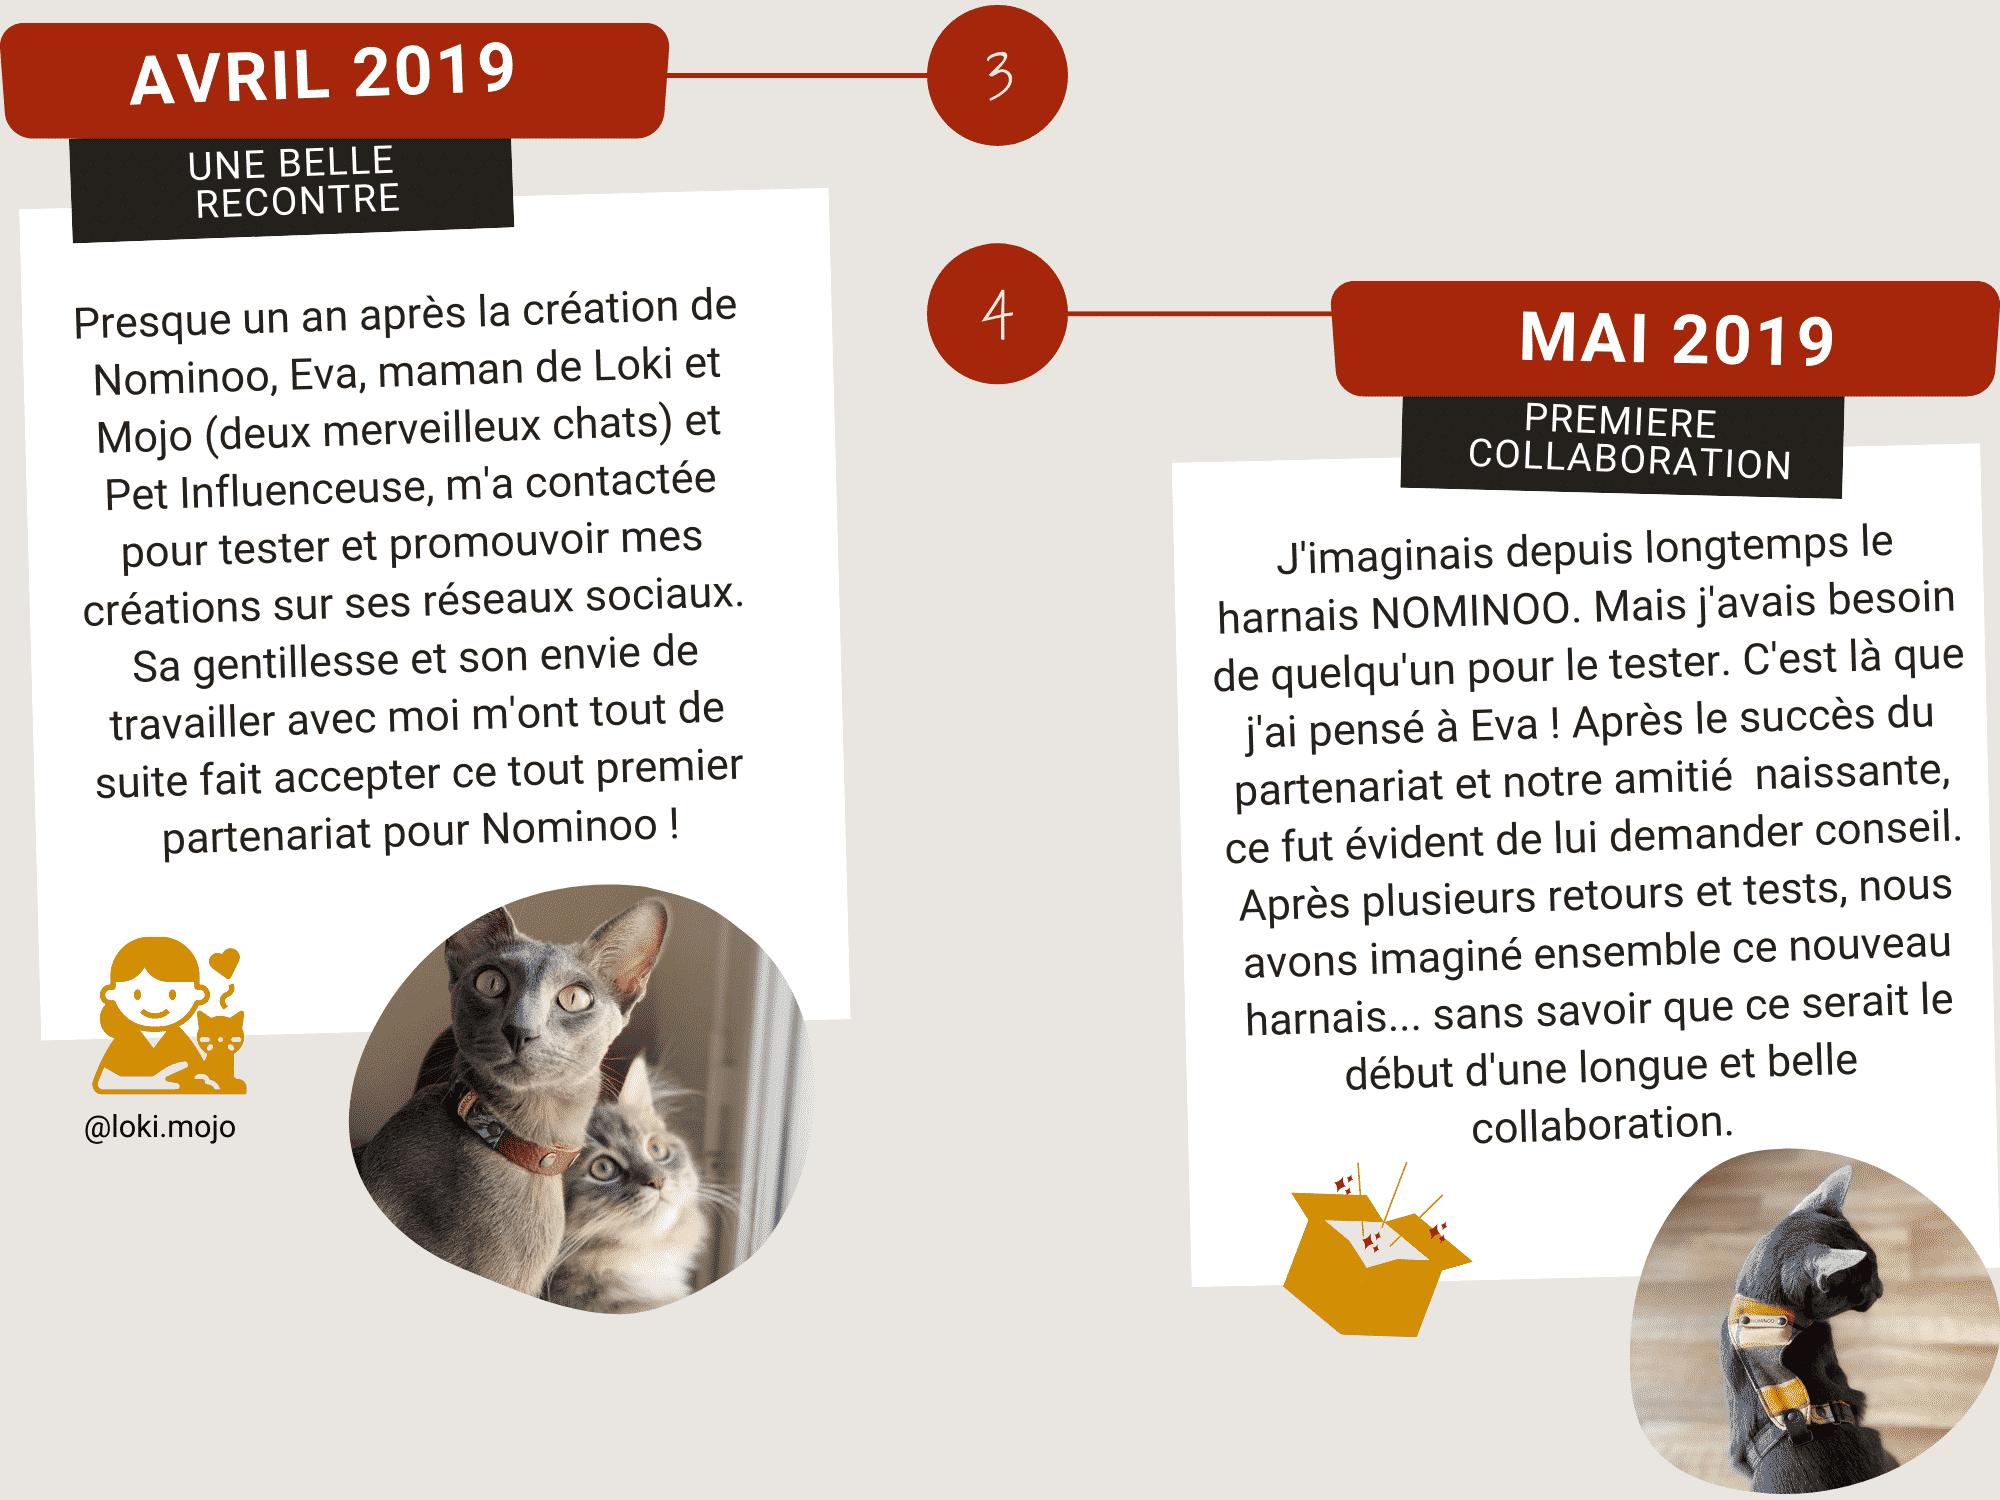 A propos de Nominoo en Avril 2019 et mai 2019. Rencontre avec Eva, maman de Loki et Mojo les égéries. Ainsi que la première collaboration.